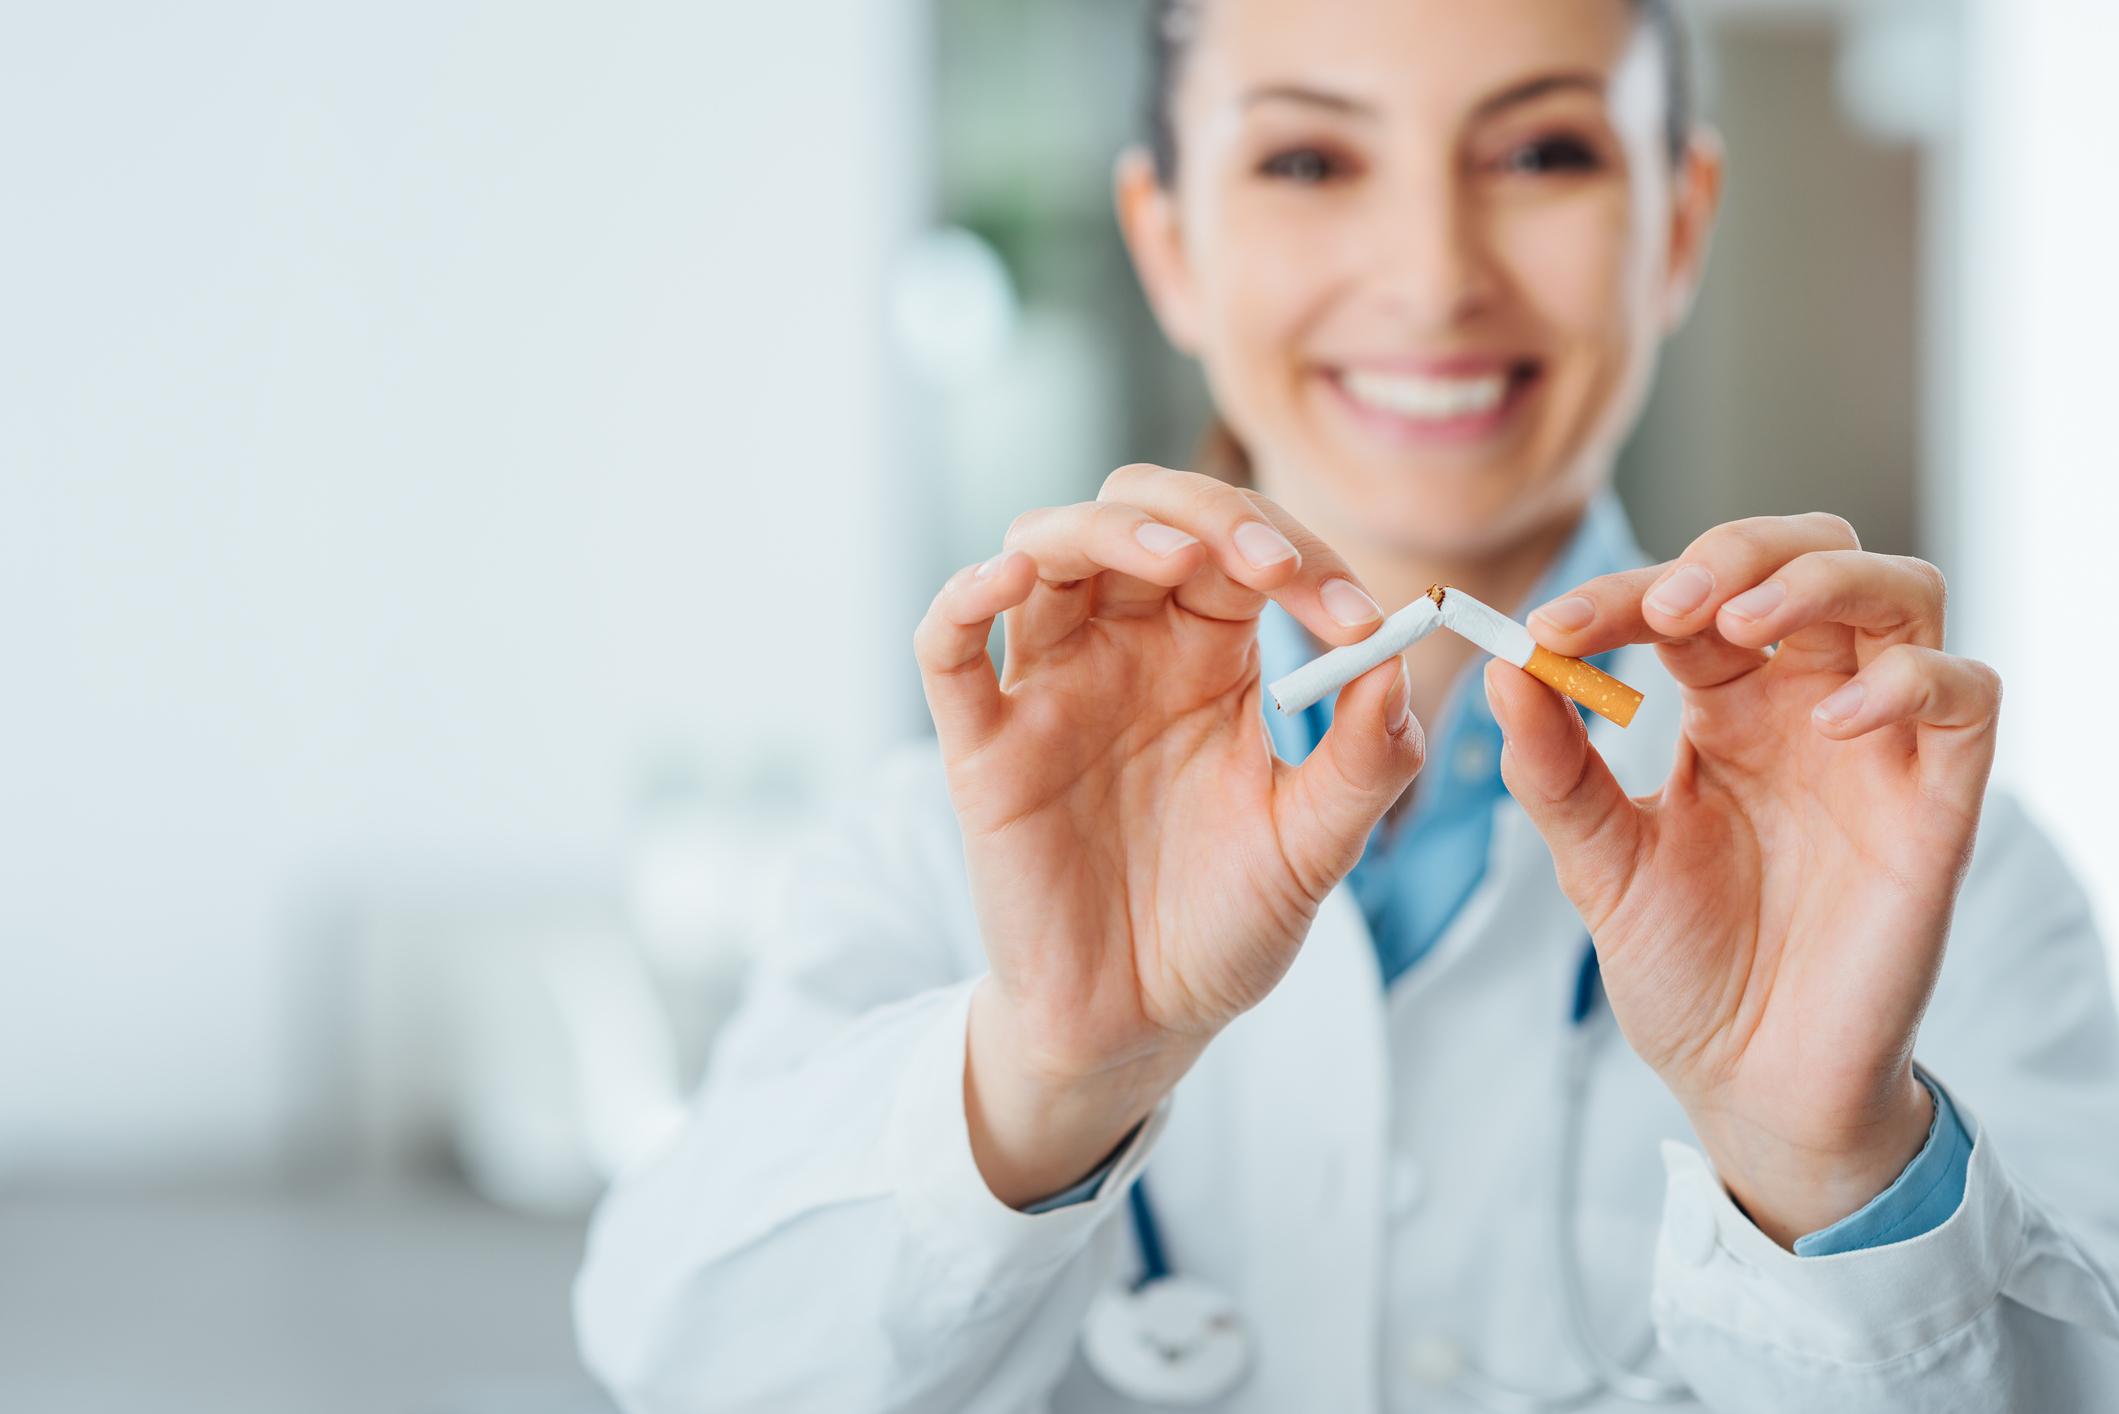 Ao parar de fumar, os ex-fumantes têm uma melhora no paladar e no olfato. Junto a isso, existe também uma necessidade de ter algo para fazer com a boca.